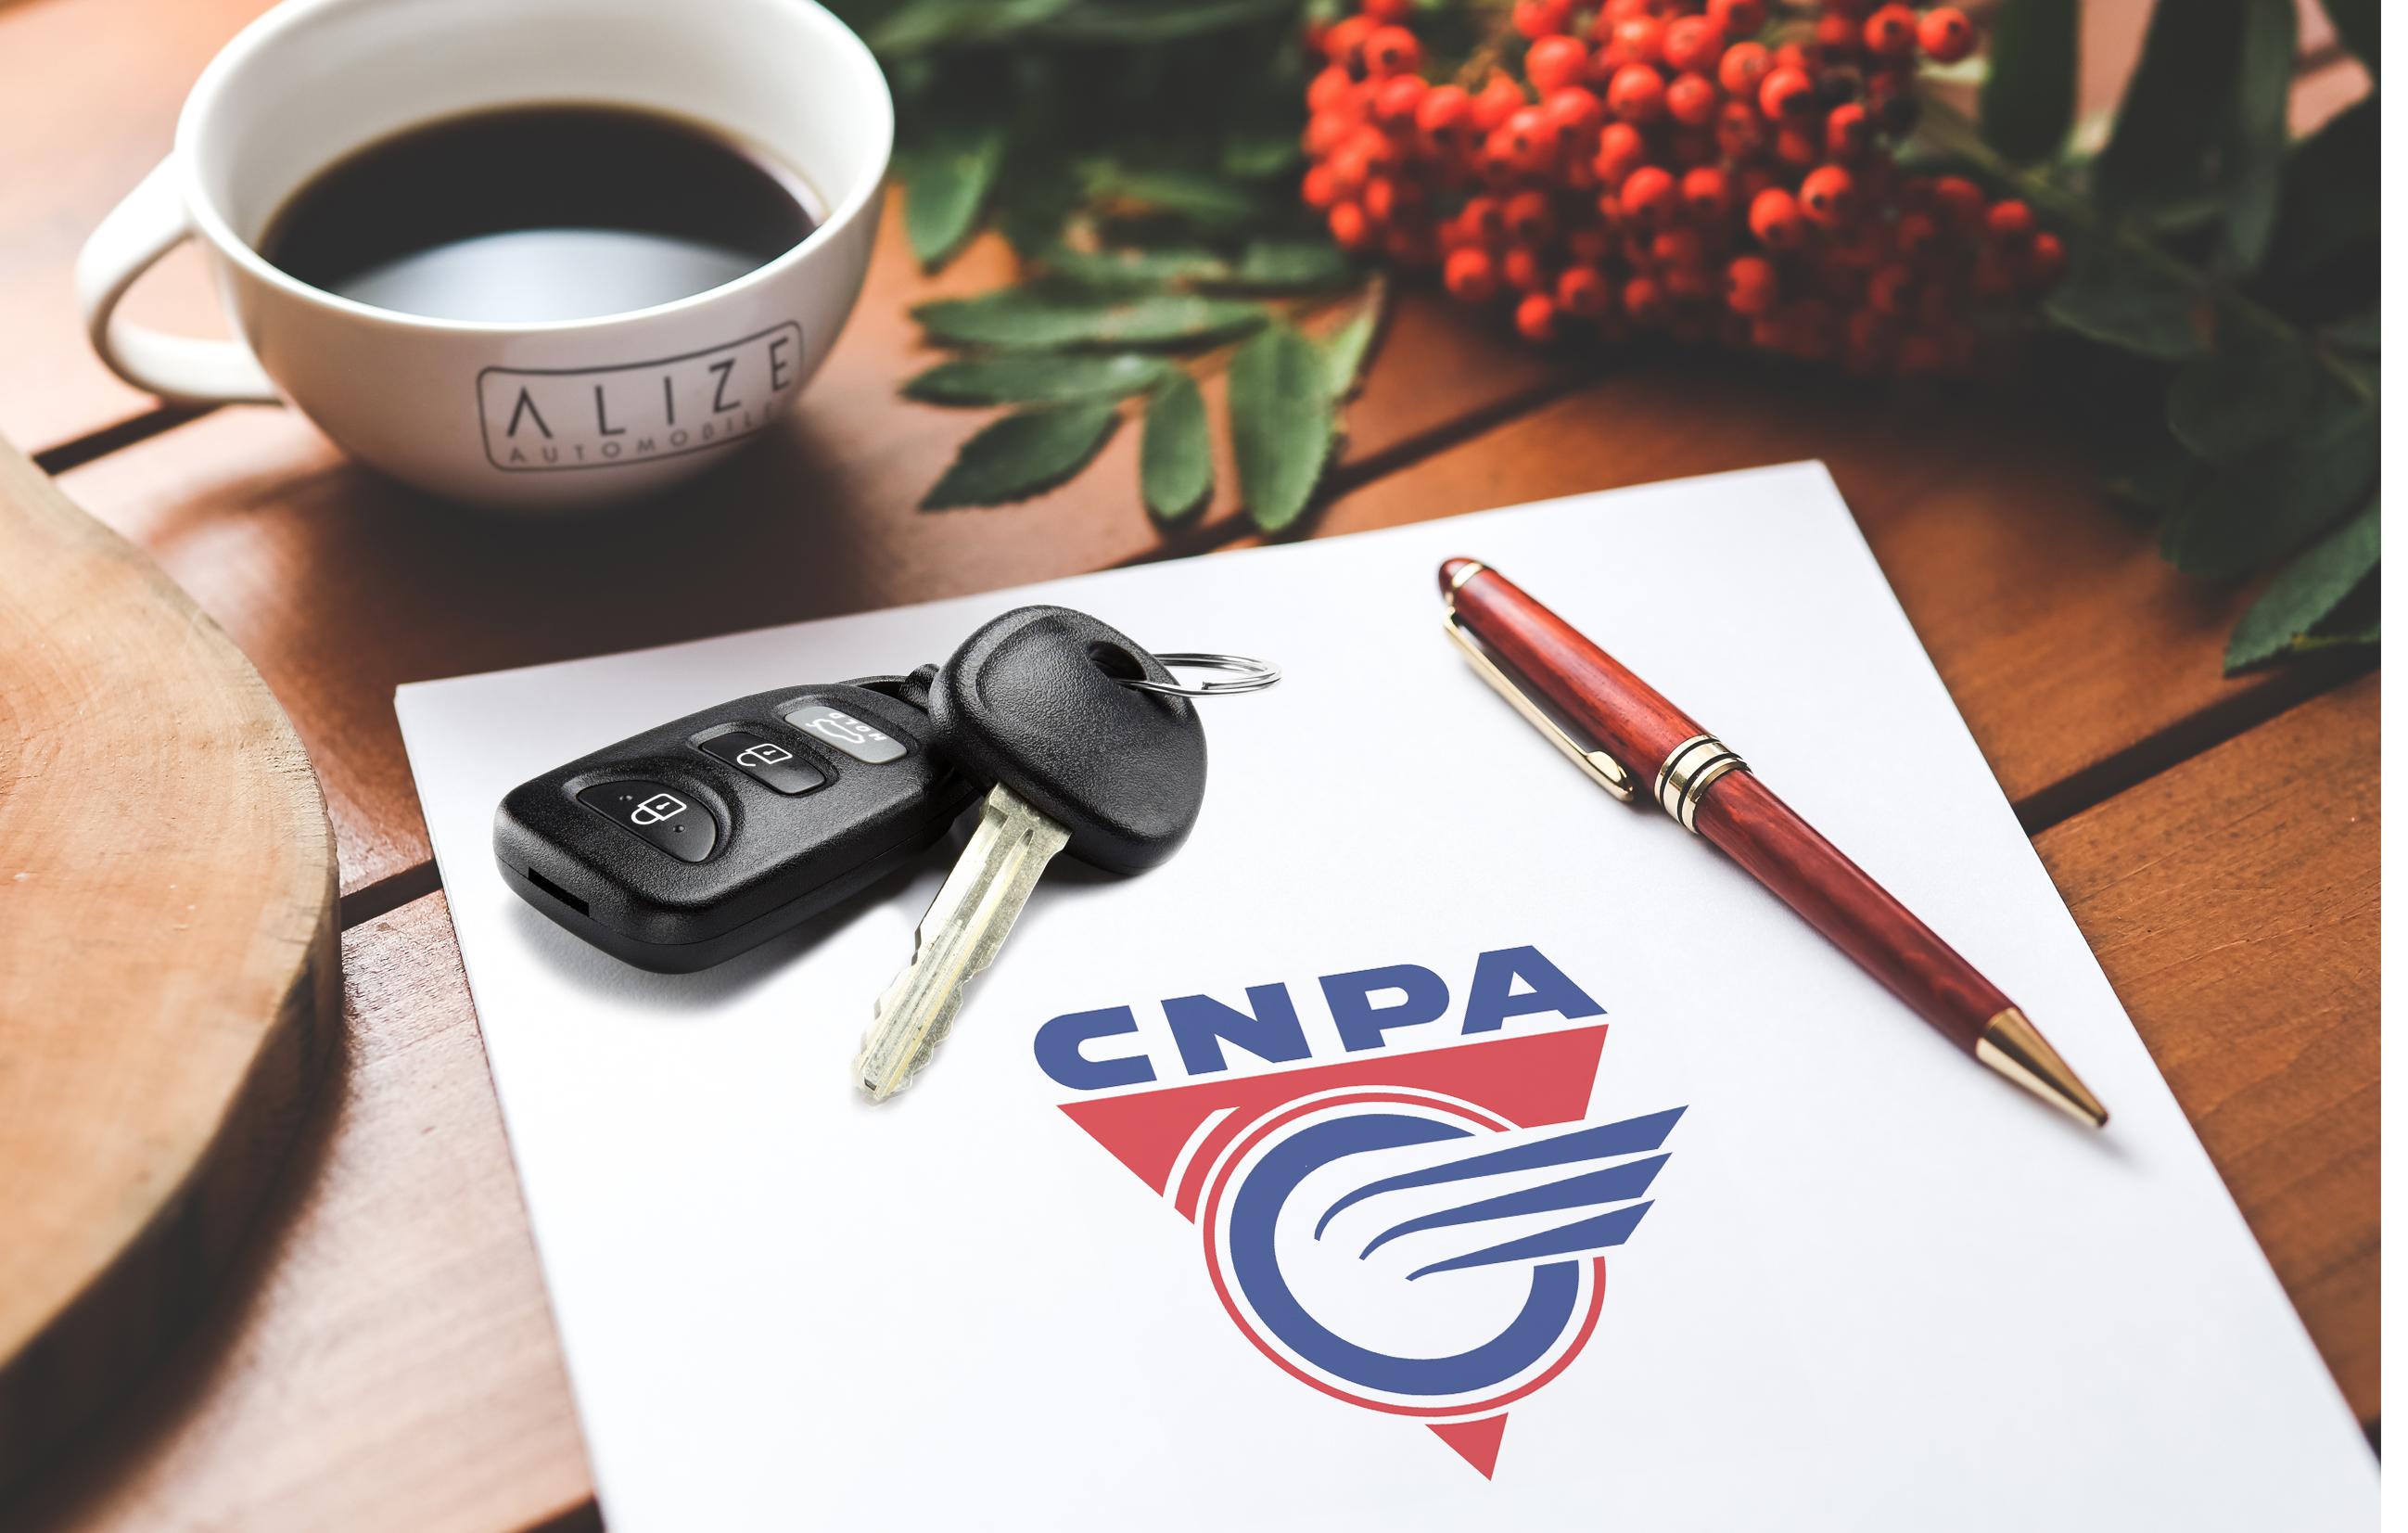 Charte de qualité Alizé Automobiles : un engagement pour ses clients